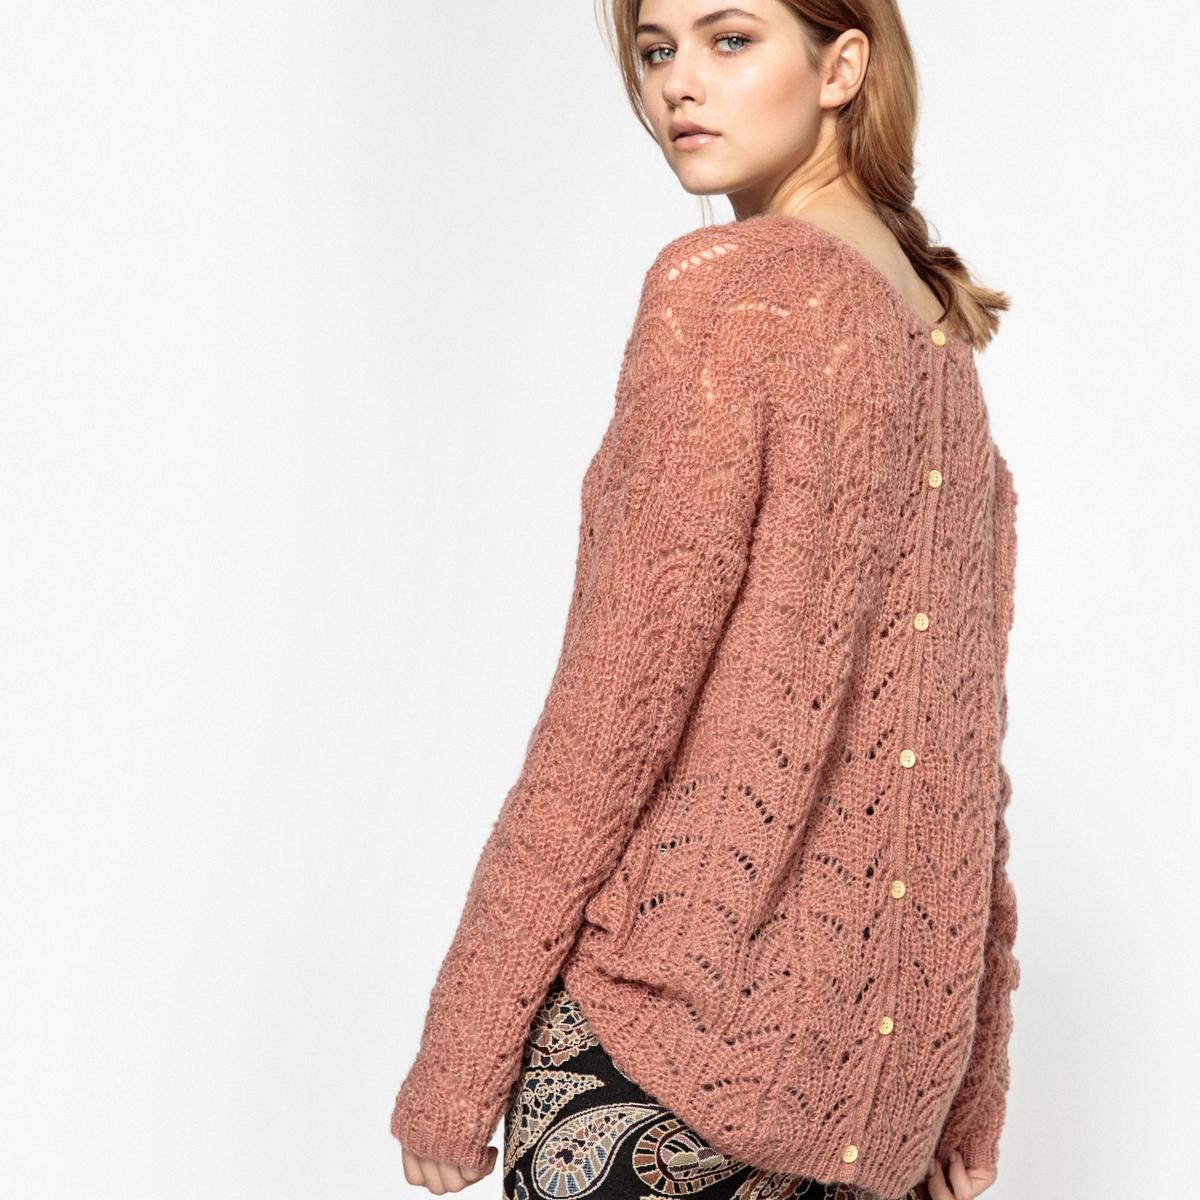 Пуловер ажурный с застежкой на пуговицы сзади, из шерсти